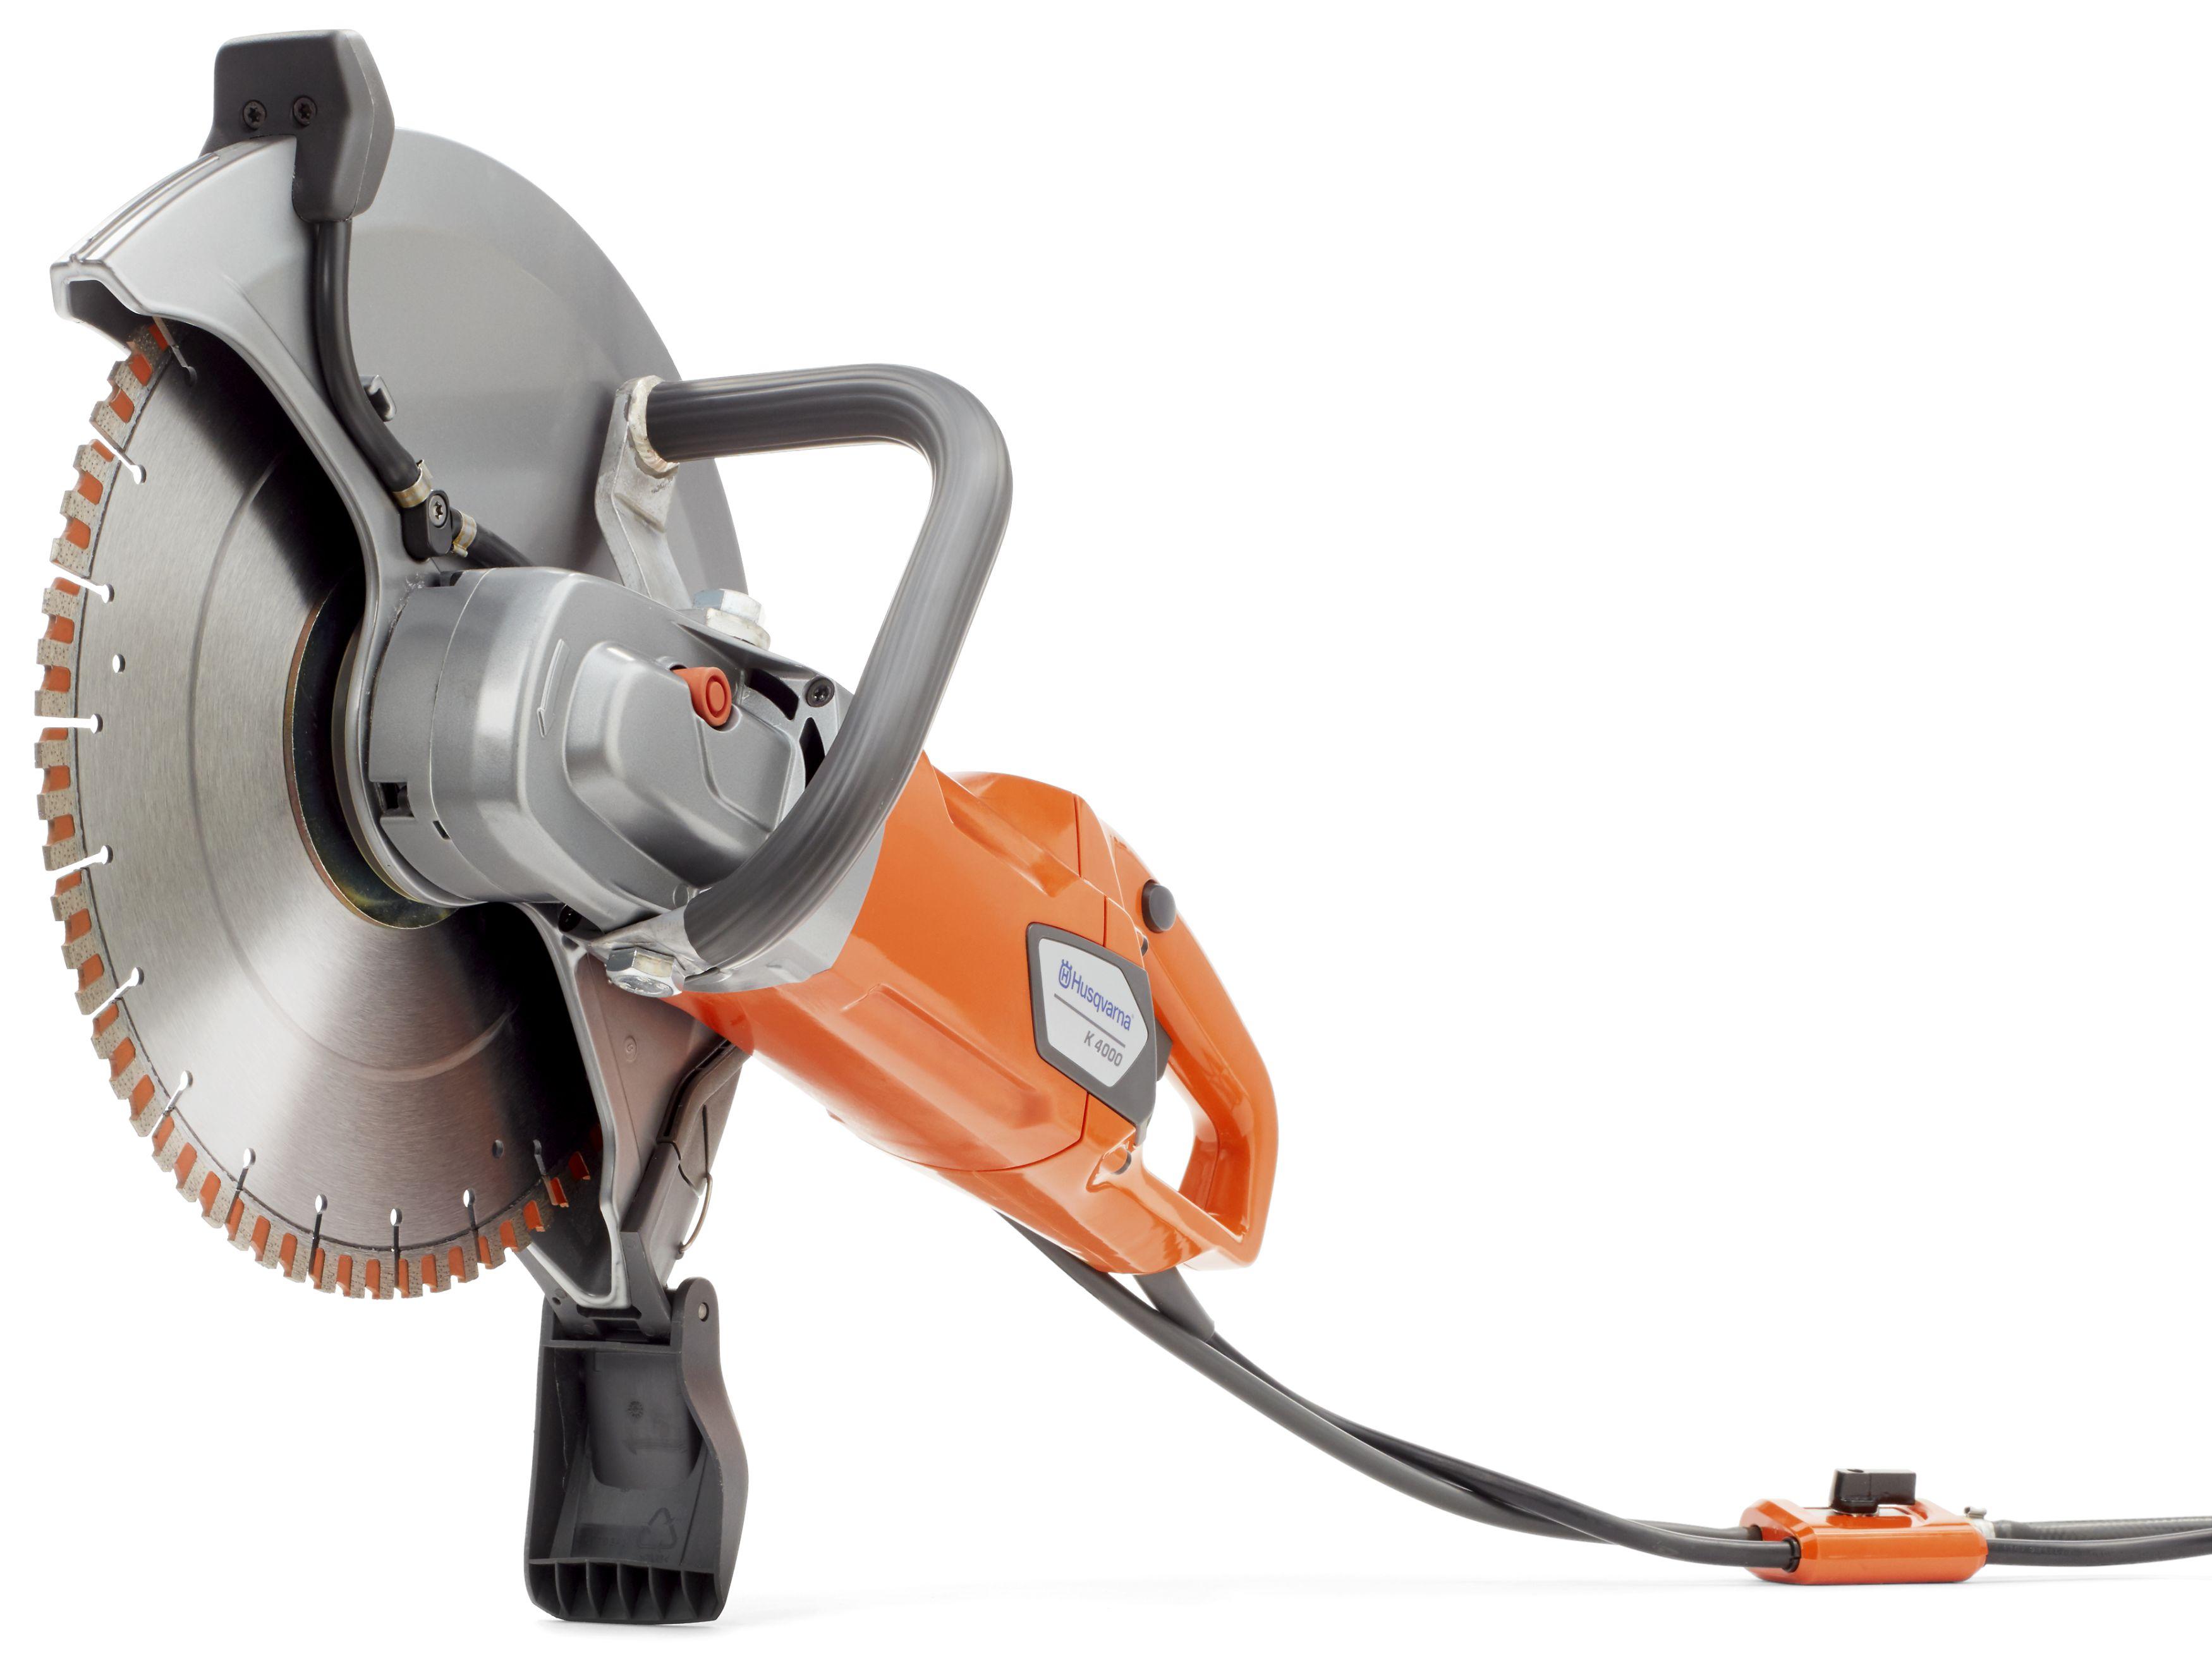 """Oranžs Husqvarna Elektriskais spēka zāģis, modelis """"K4000'' ar 350mm griezējdisku, skats no priekšas, apakšas kreisās puses"""